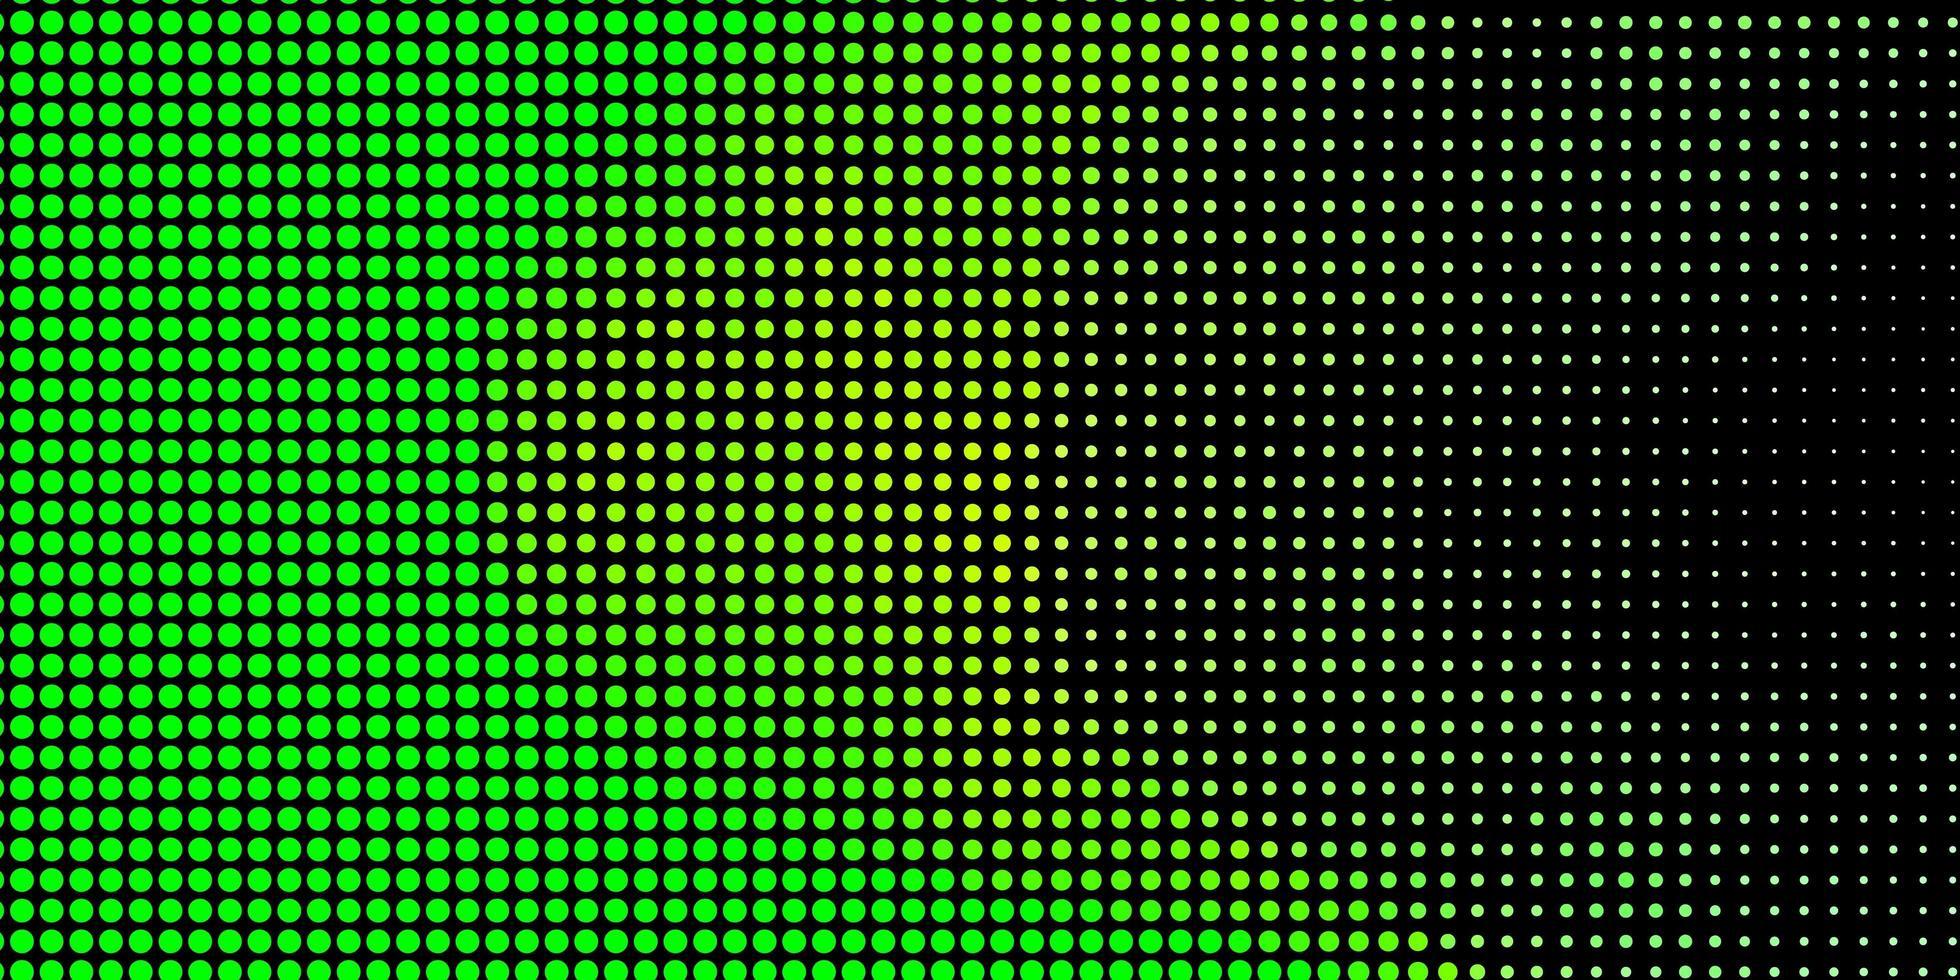 textura de vector verde claro con círculos.